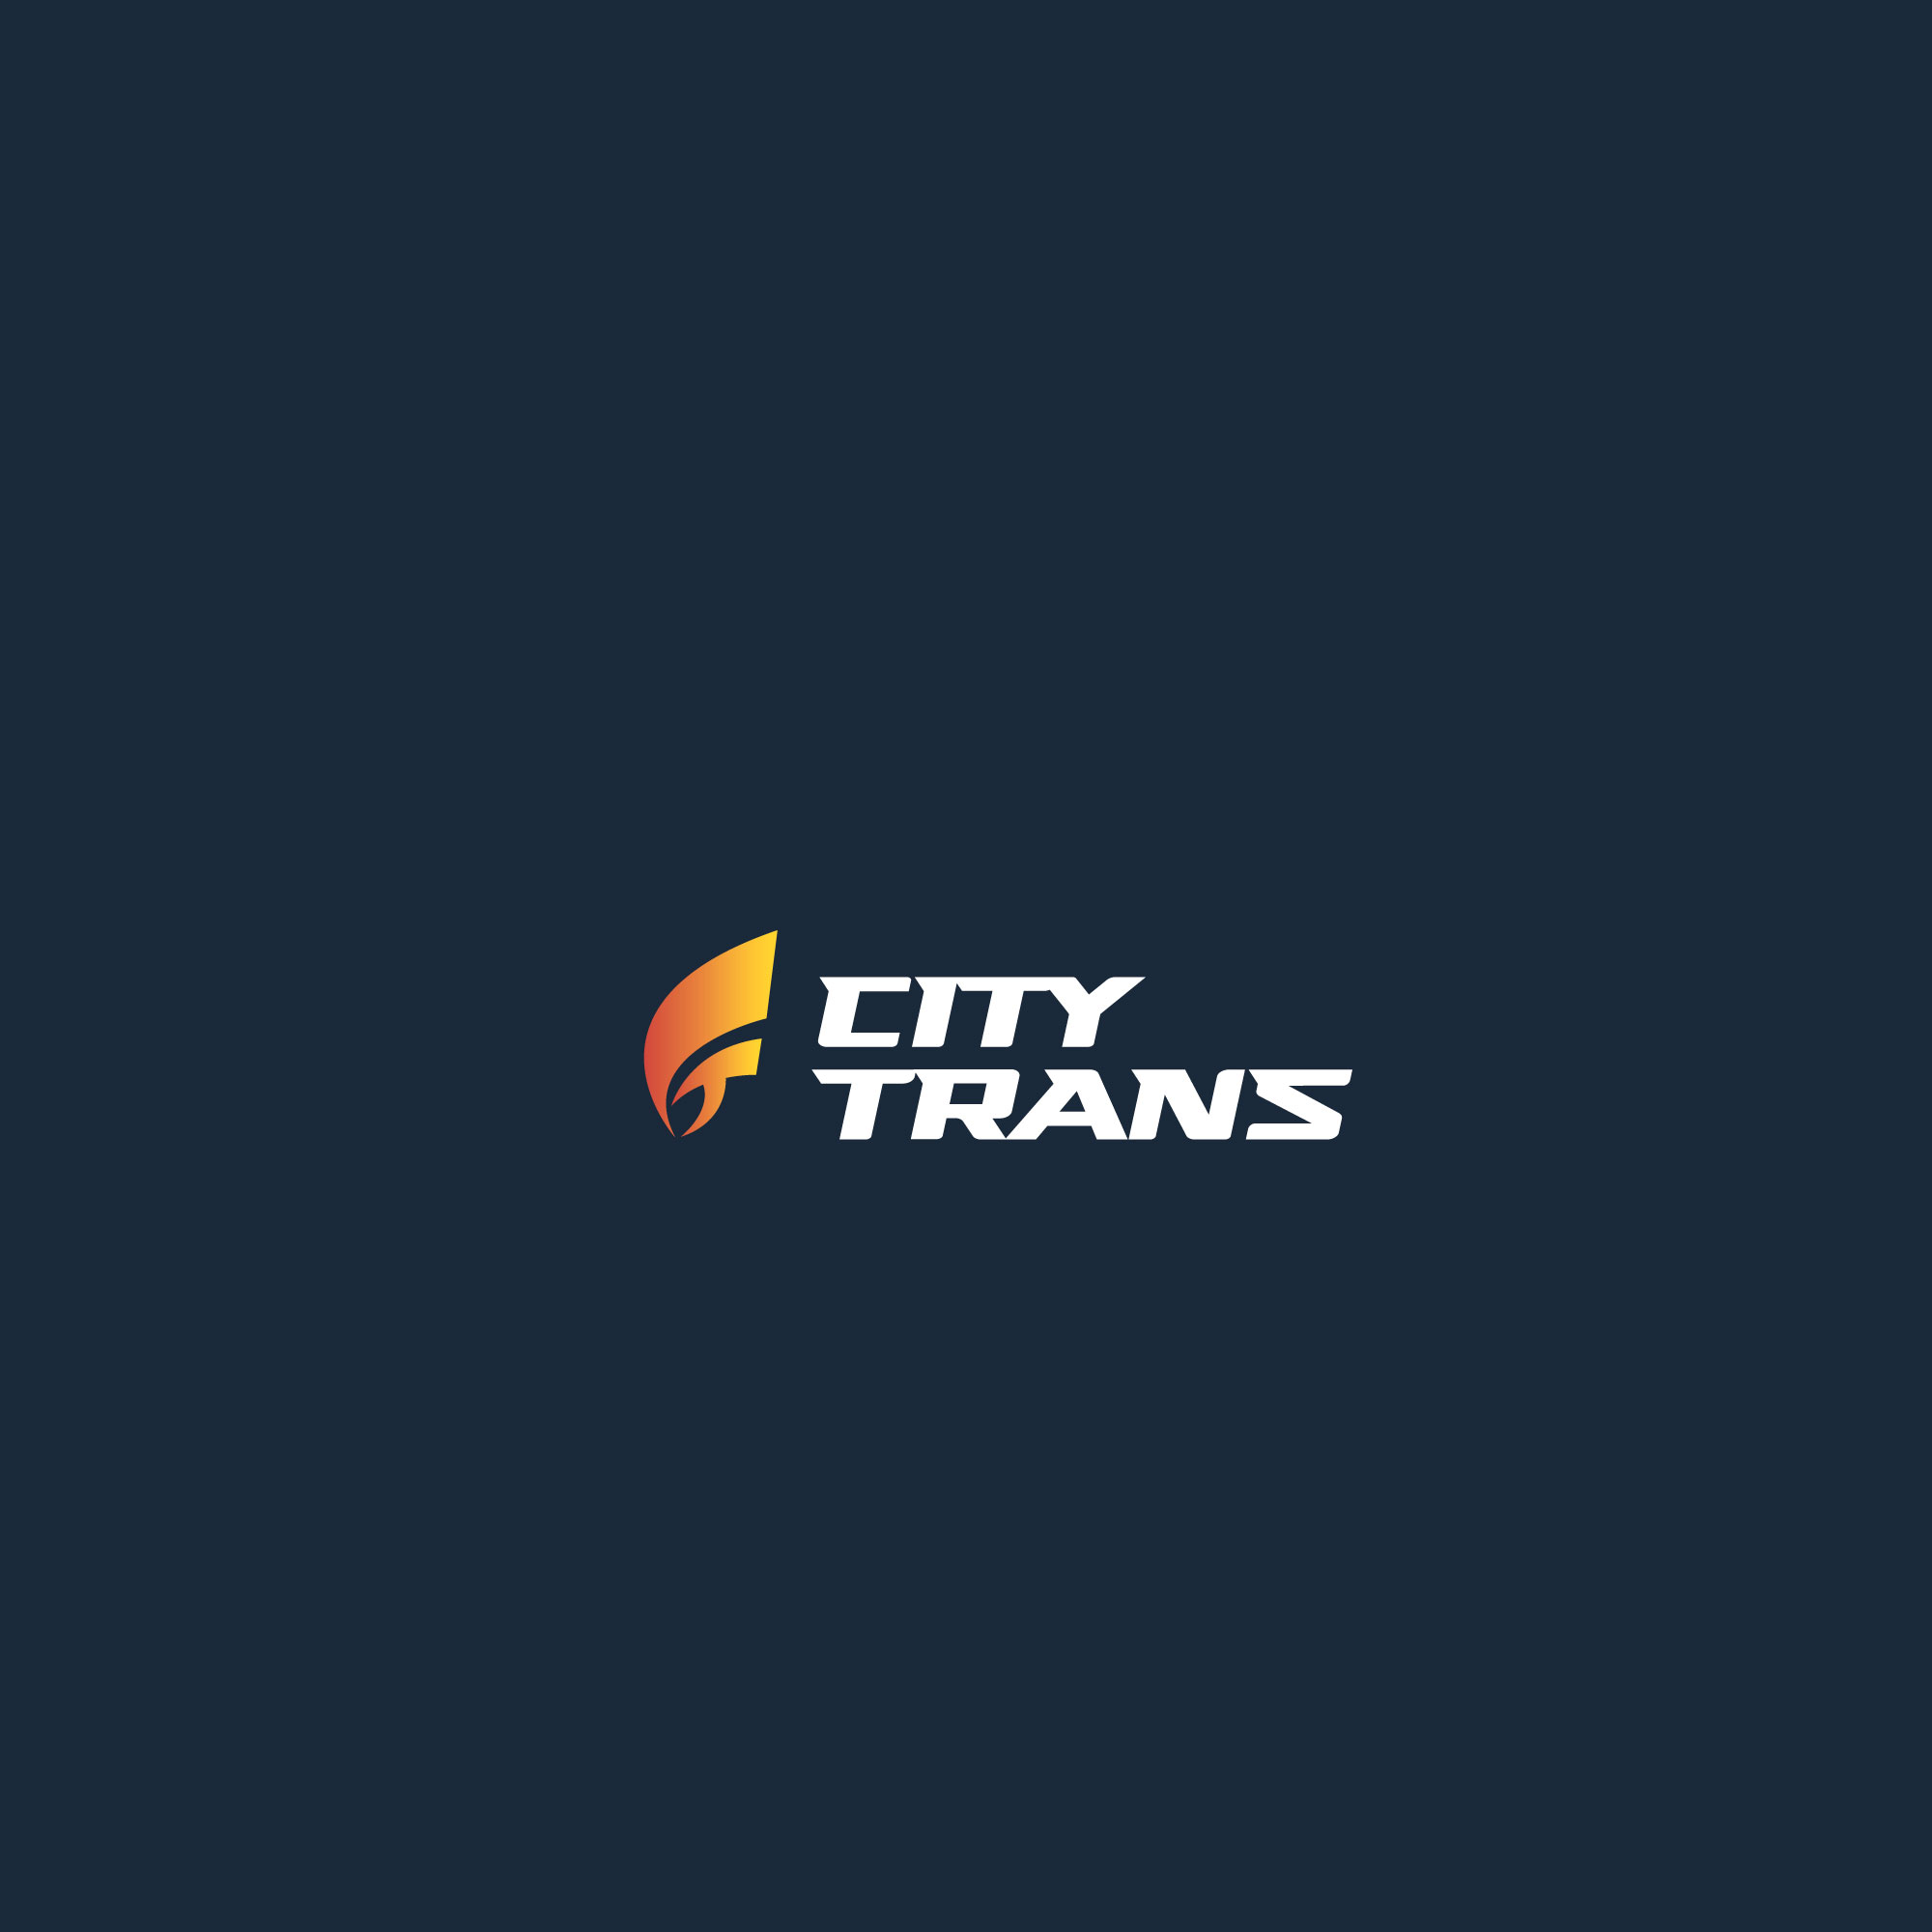 Разработка Логотипа транспортной компании фото f_4305e6f8a314f3ad.jpg